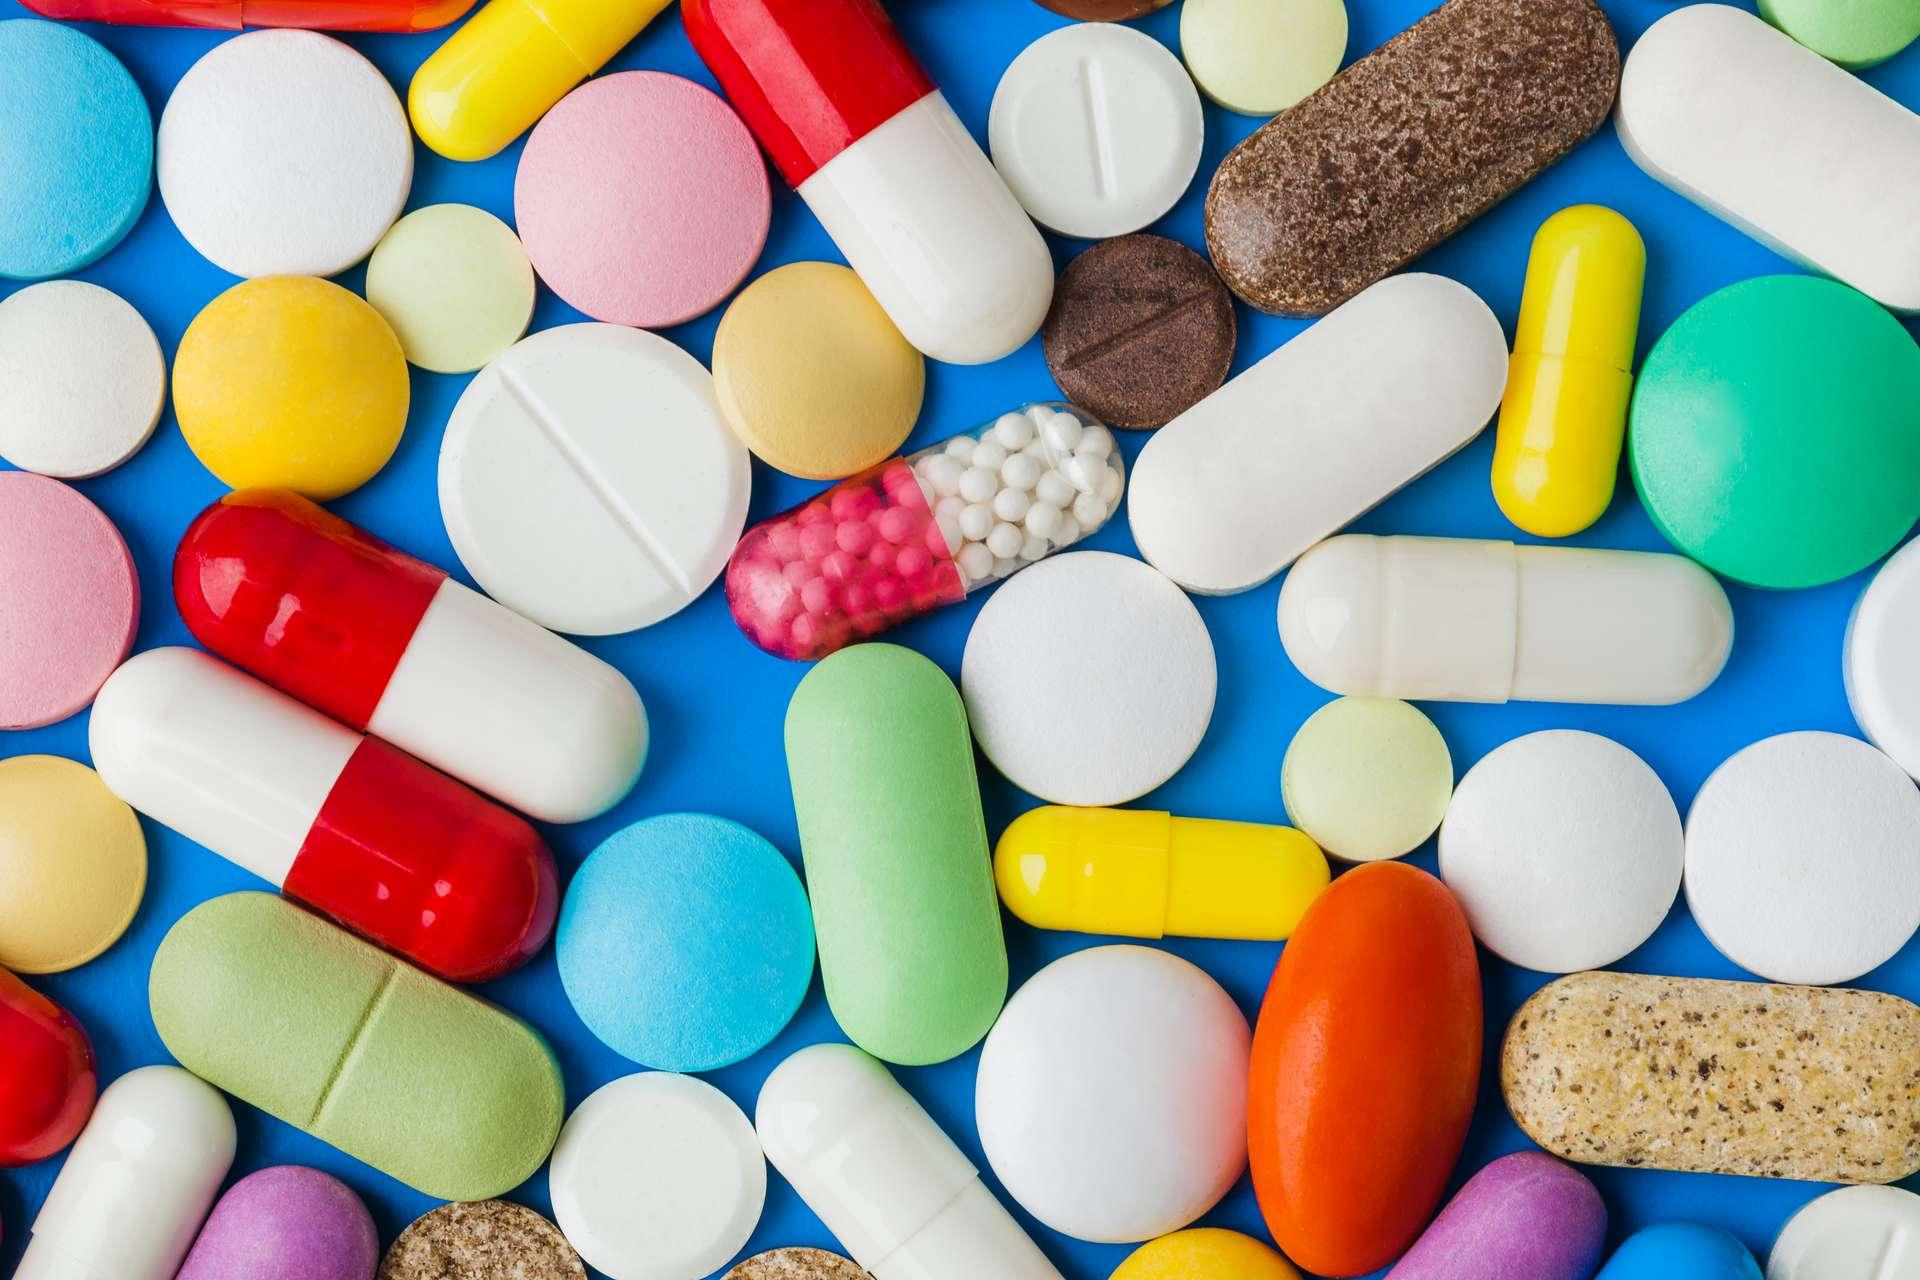 Medicamentos que se deben evitar: la lista negra de The Prescrire Journal